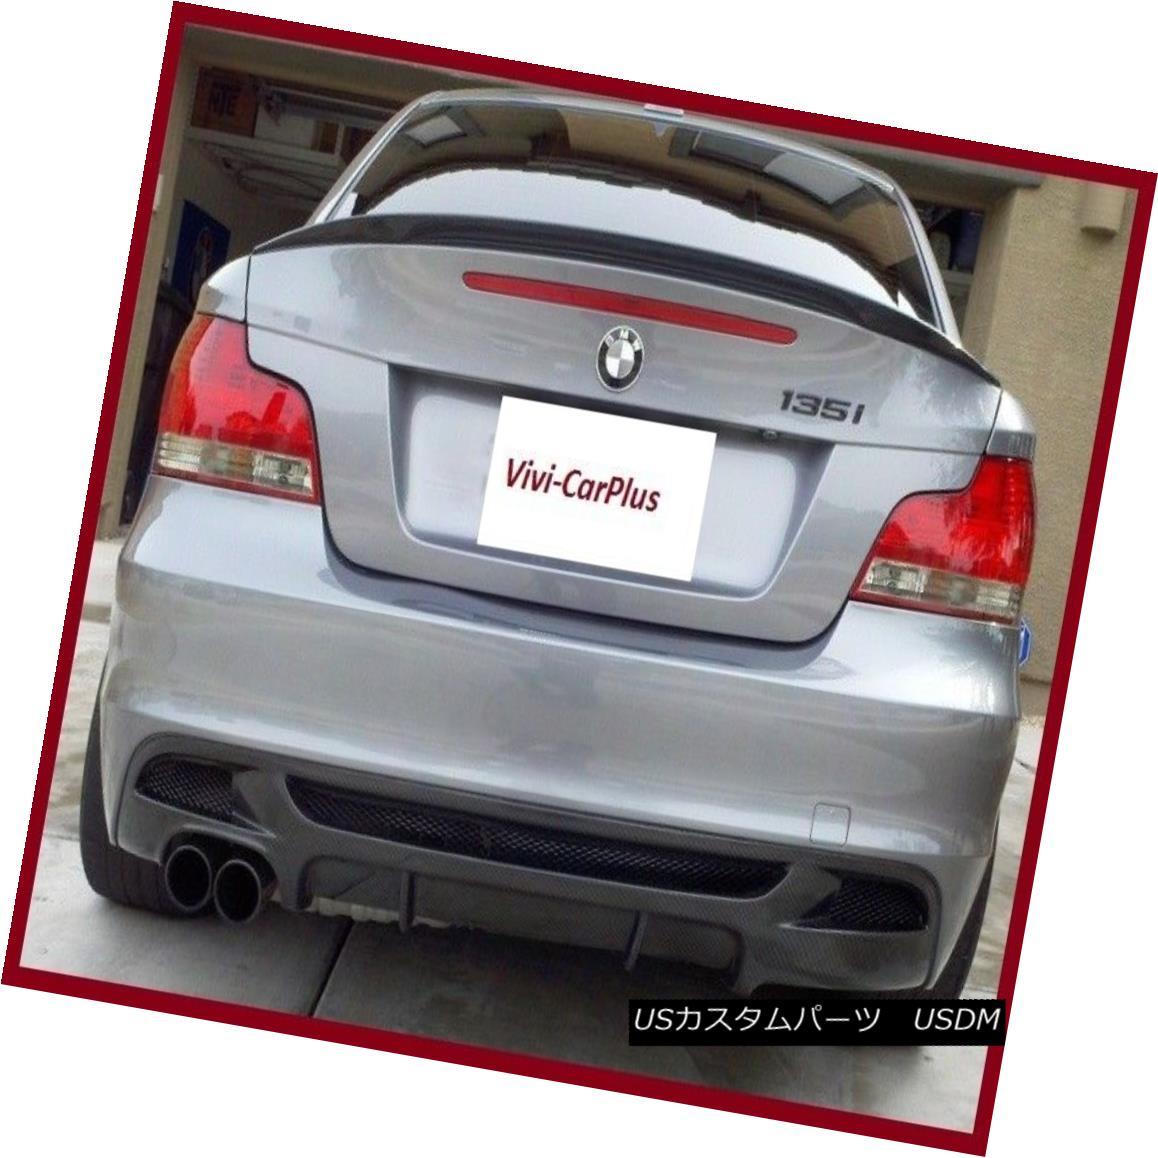 エアロパーツ 07-13 BMW E82 1 Series 128i 135i 1M Performance Style Trunk Spoiler Carbon Fiber 07-13 BMW E82 1シリーズ128i 135i 1Mパフォーマンススタイルトランクスポイラーカーボンファイバー